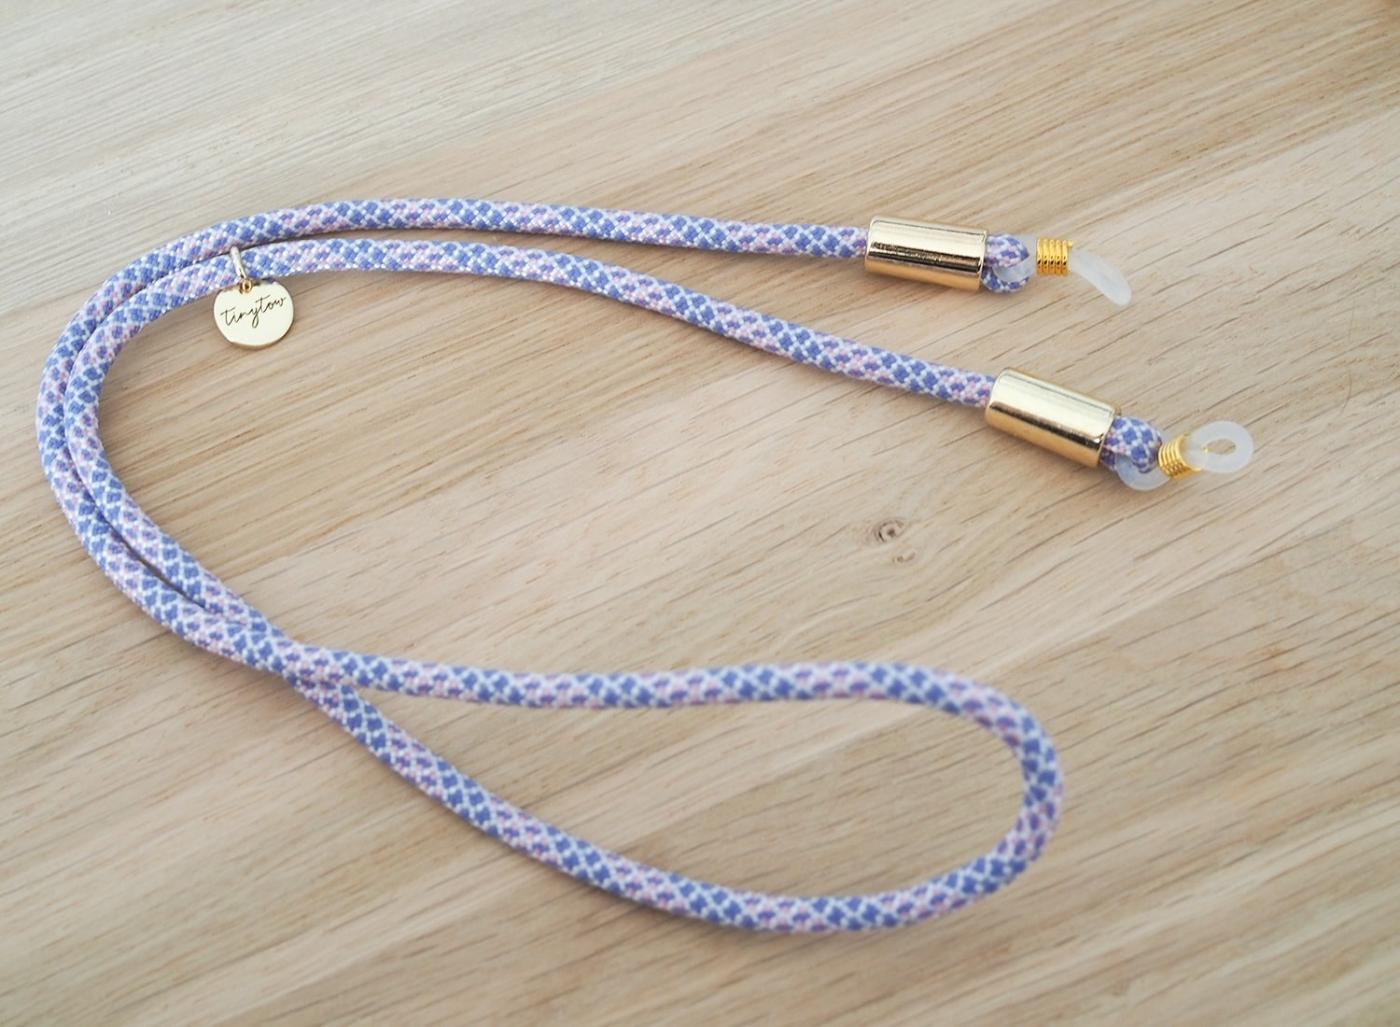 Brillenband in rosa-hellblau mit goldenen Details